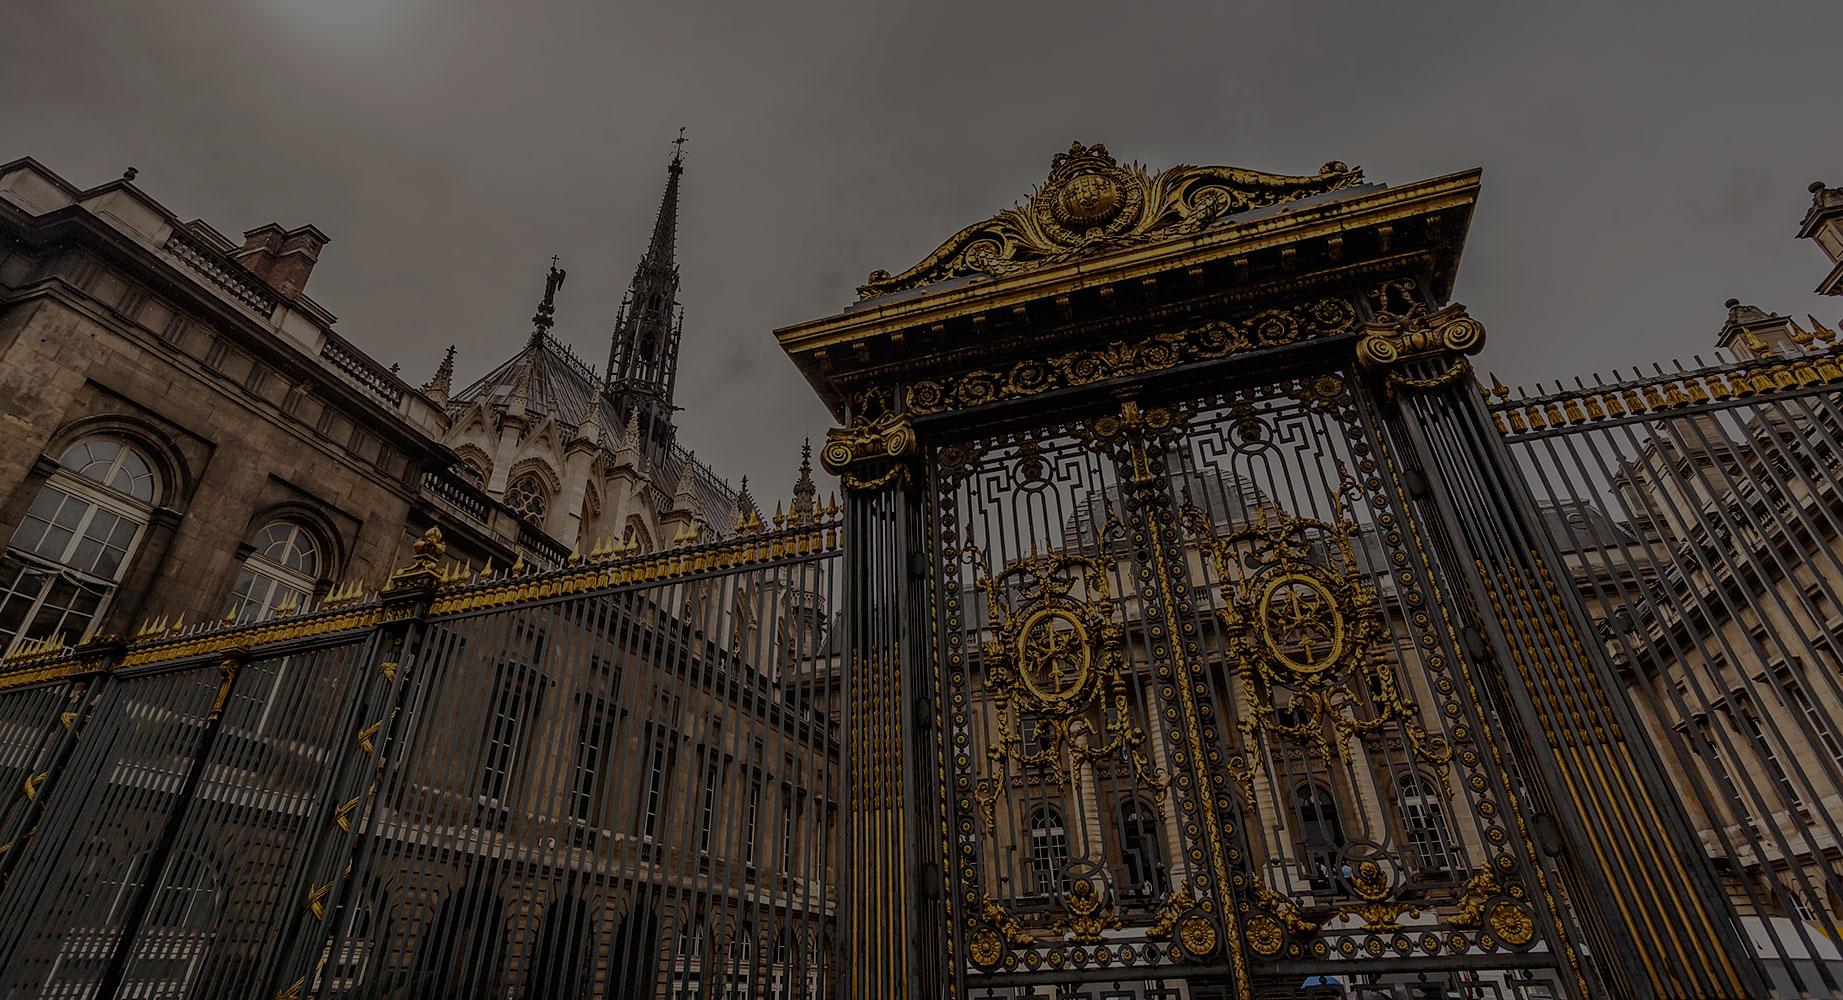 Grille du Palais de justice de Paris - Choisez et associés